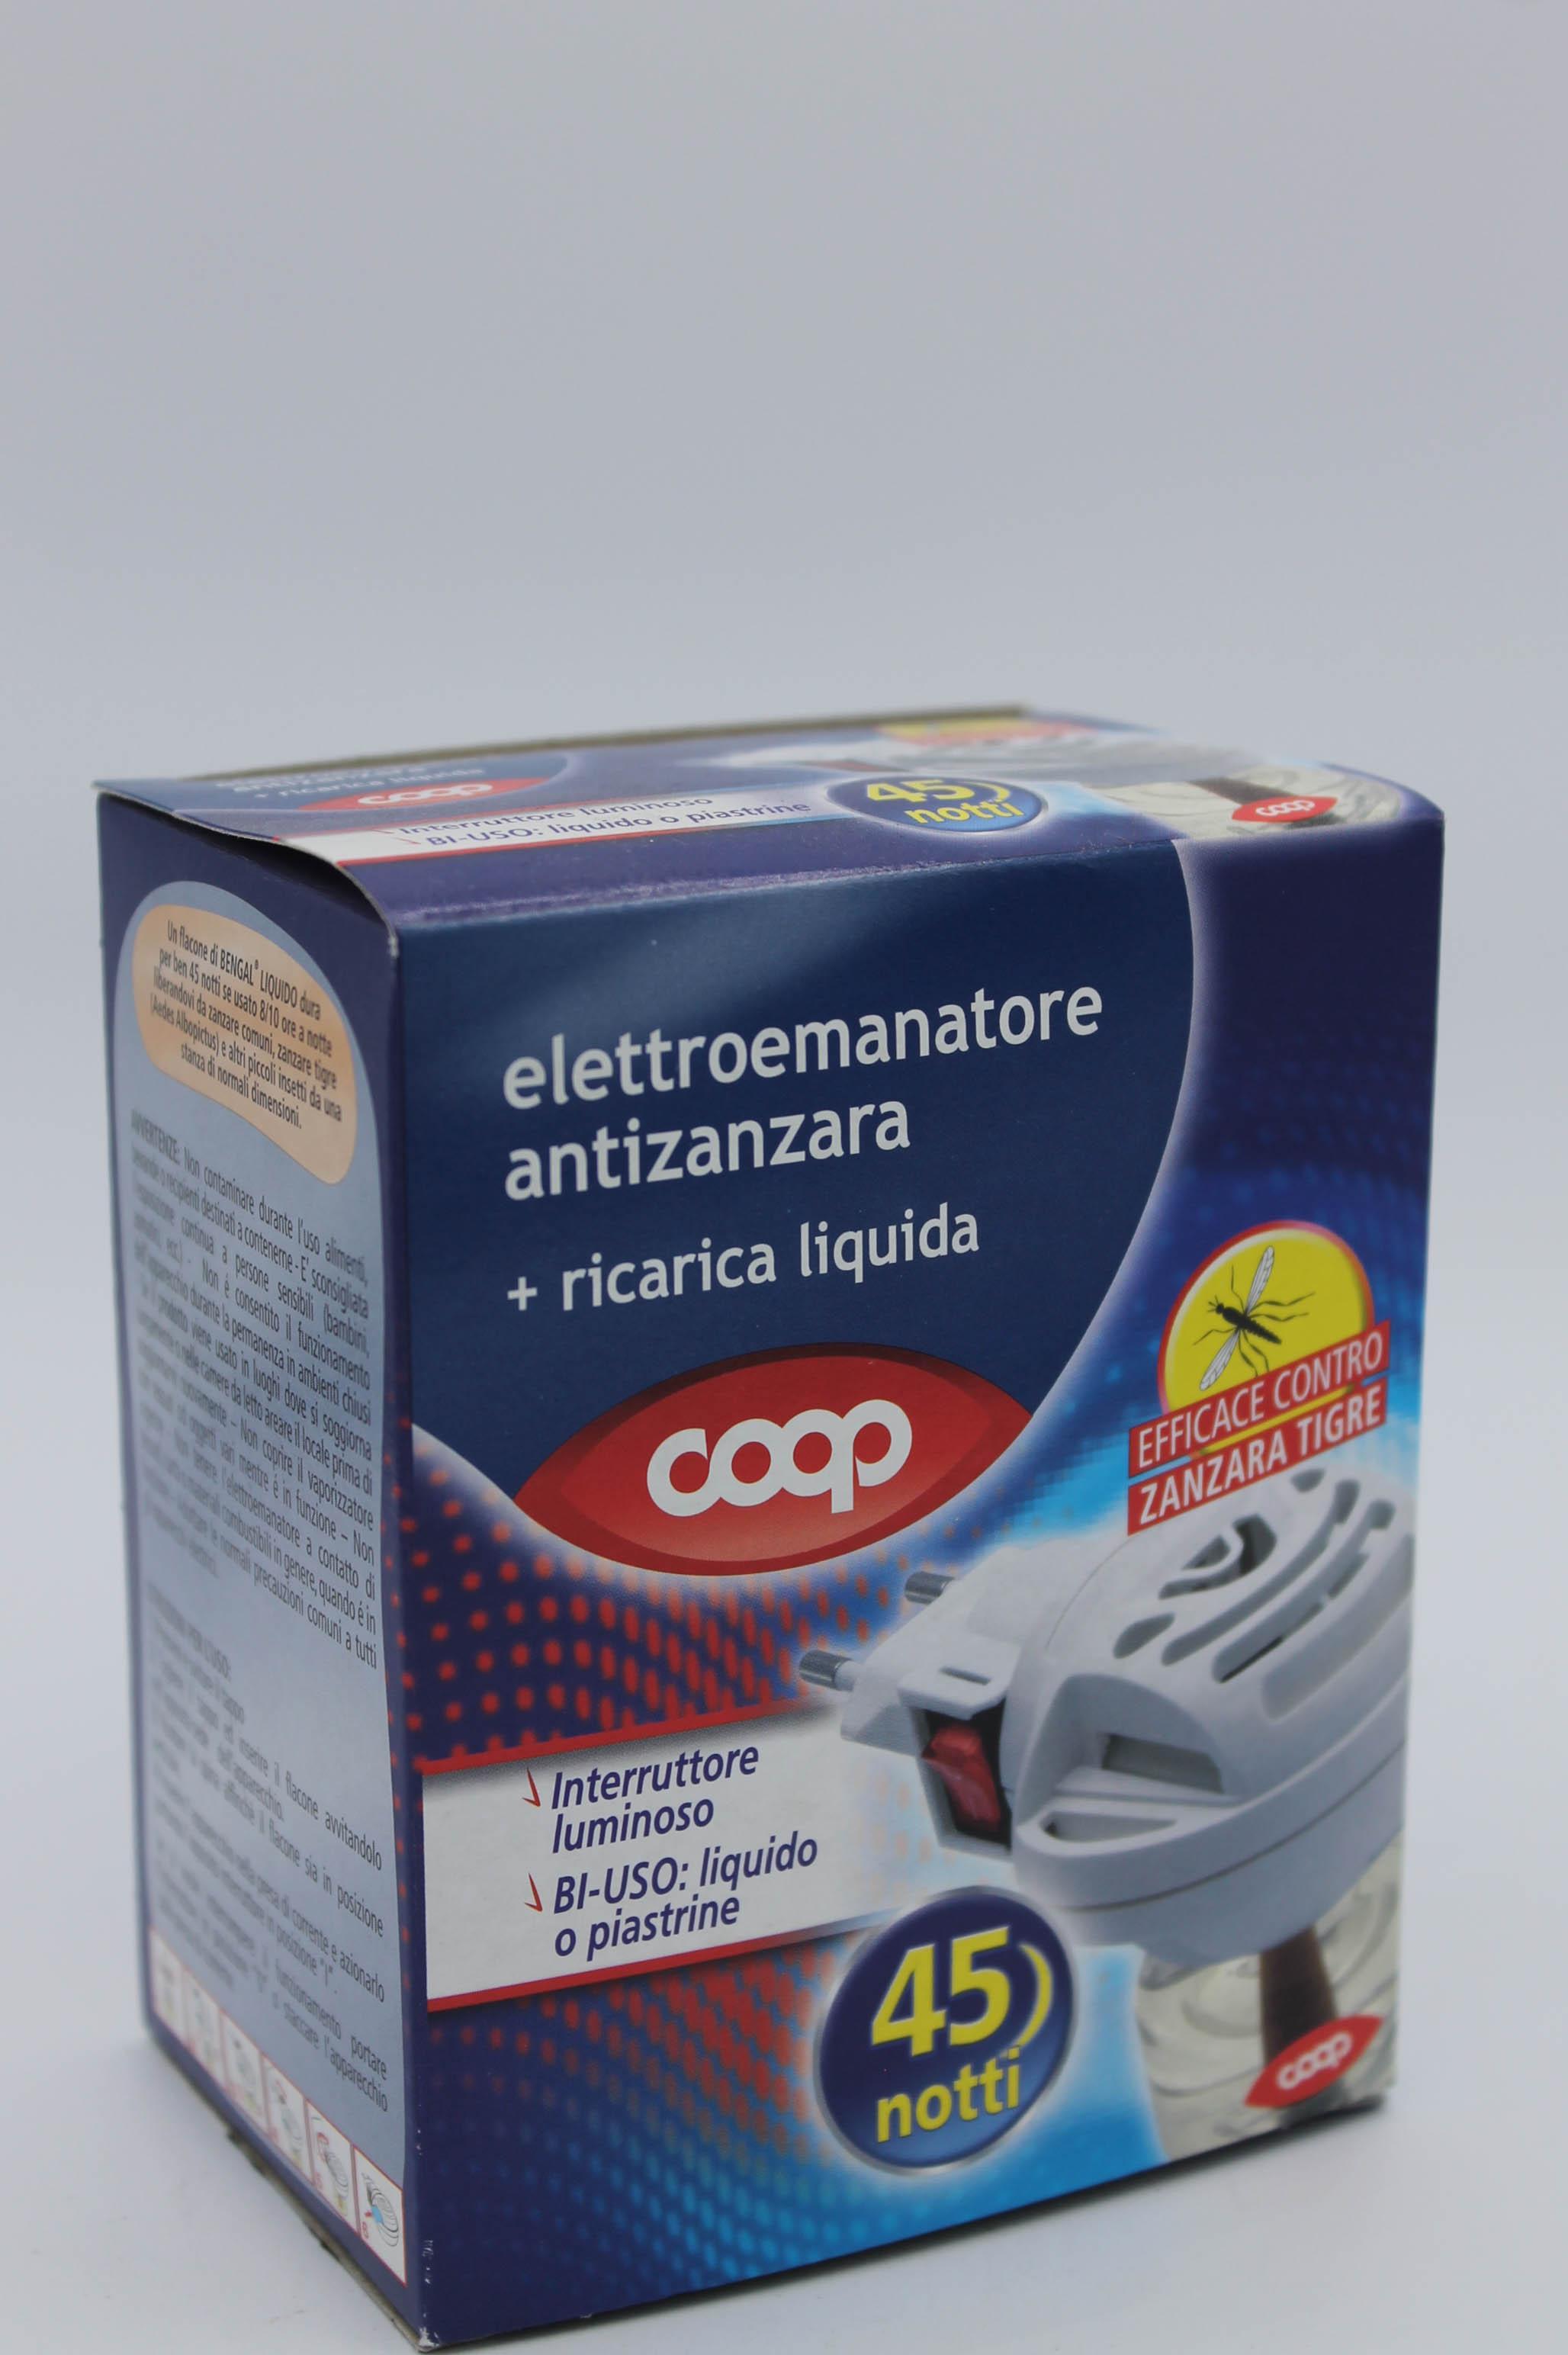 Coop elettroemanatore antizanzare + ricarica liquida.